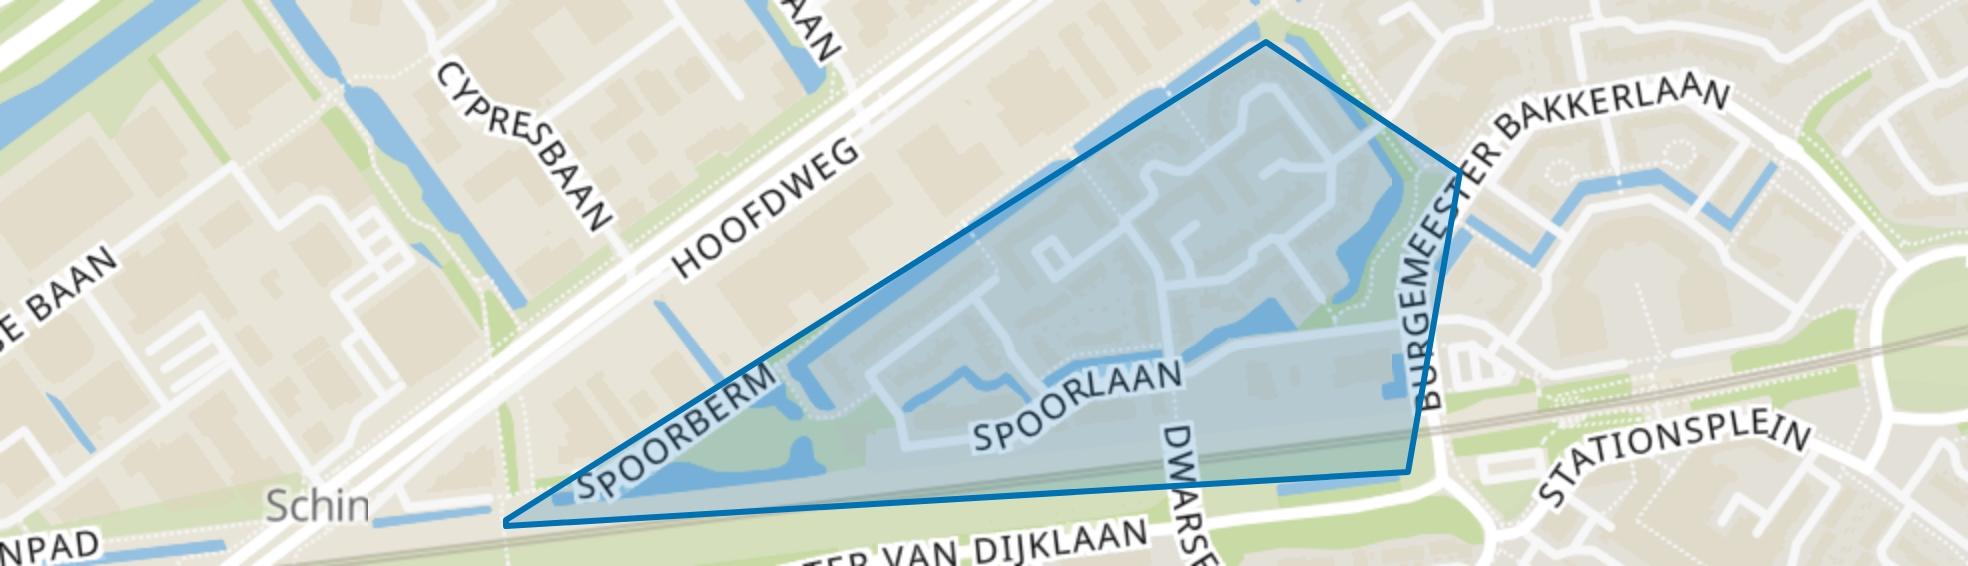 Sporenbuurt-west, Capelle aan den IJssel map